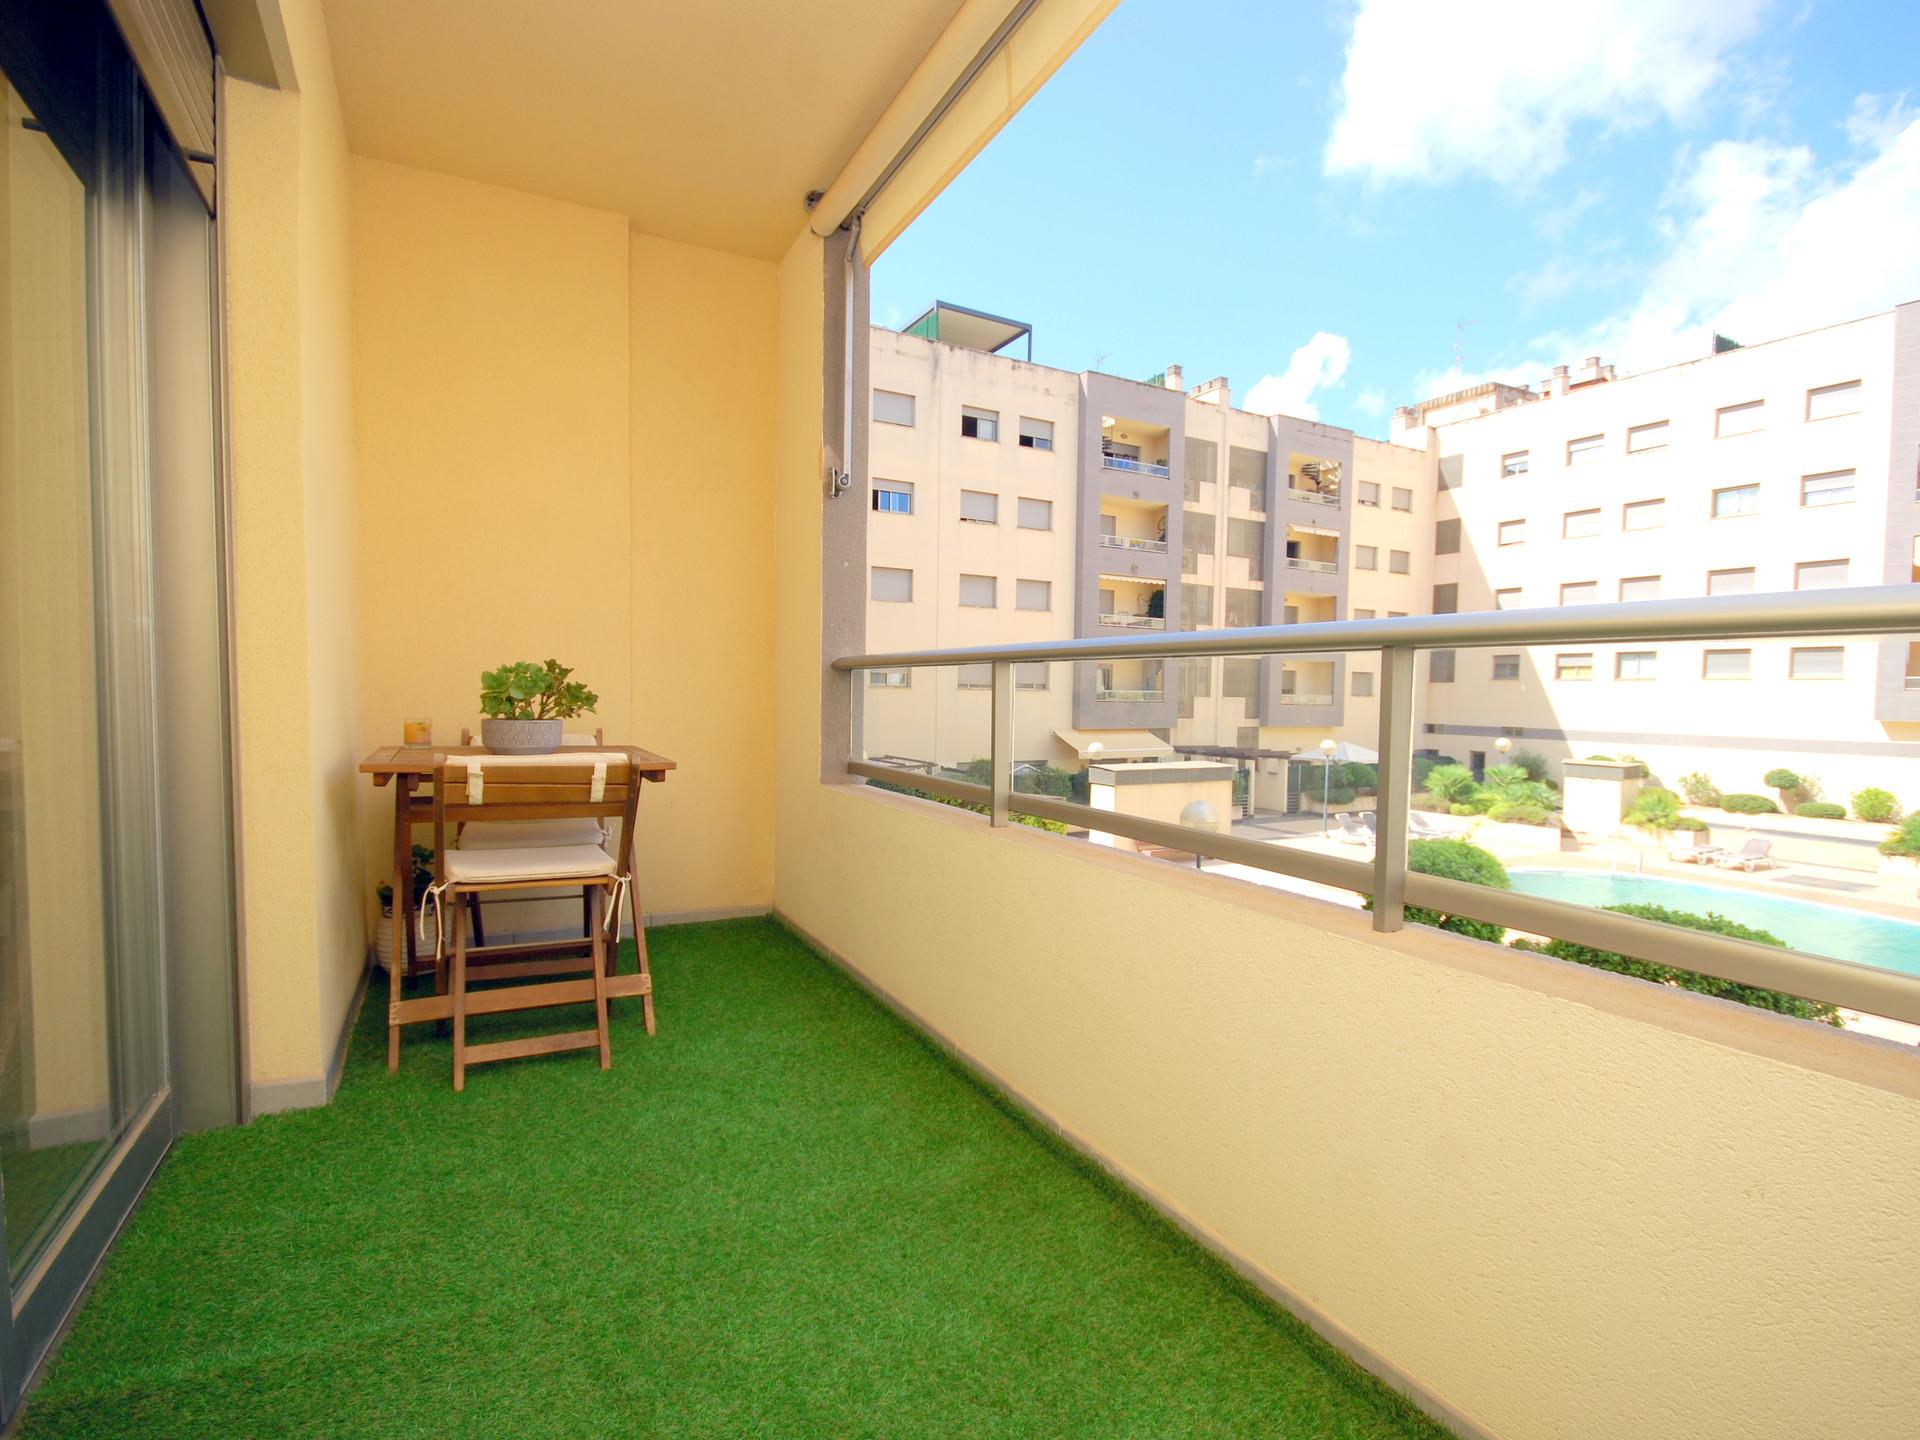 Coqueto piso , cómodo y muy luminoso en la zona residencial de L' Olivera